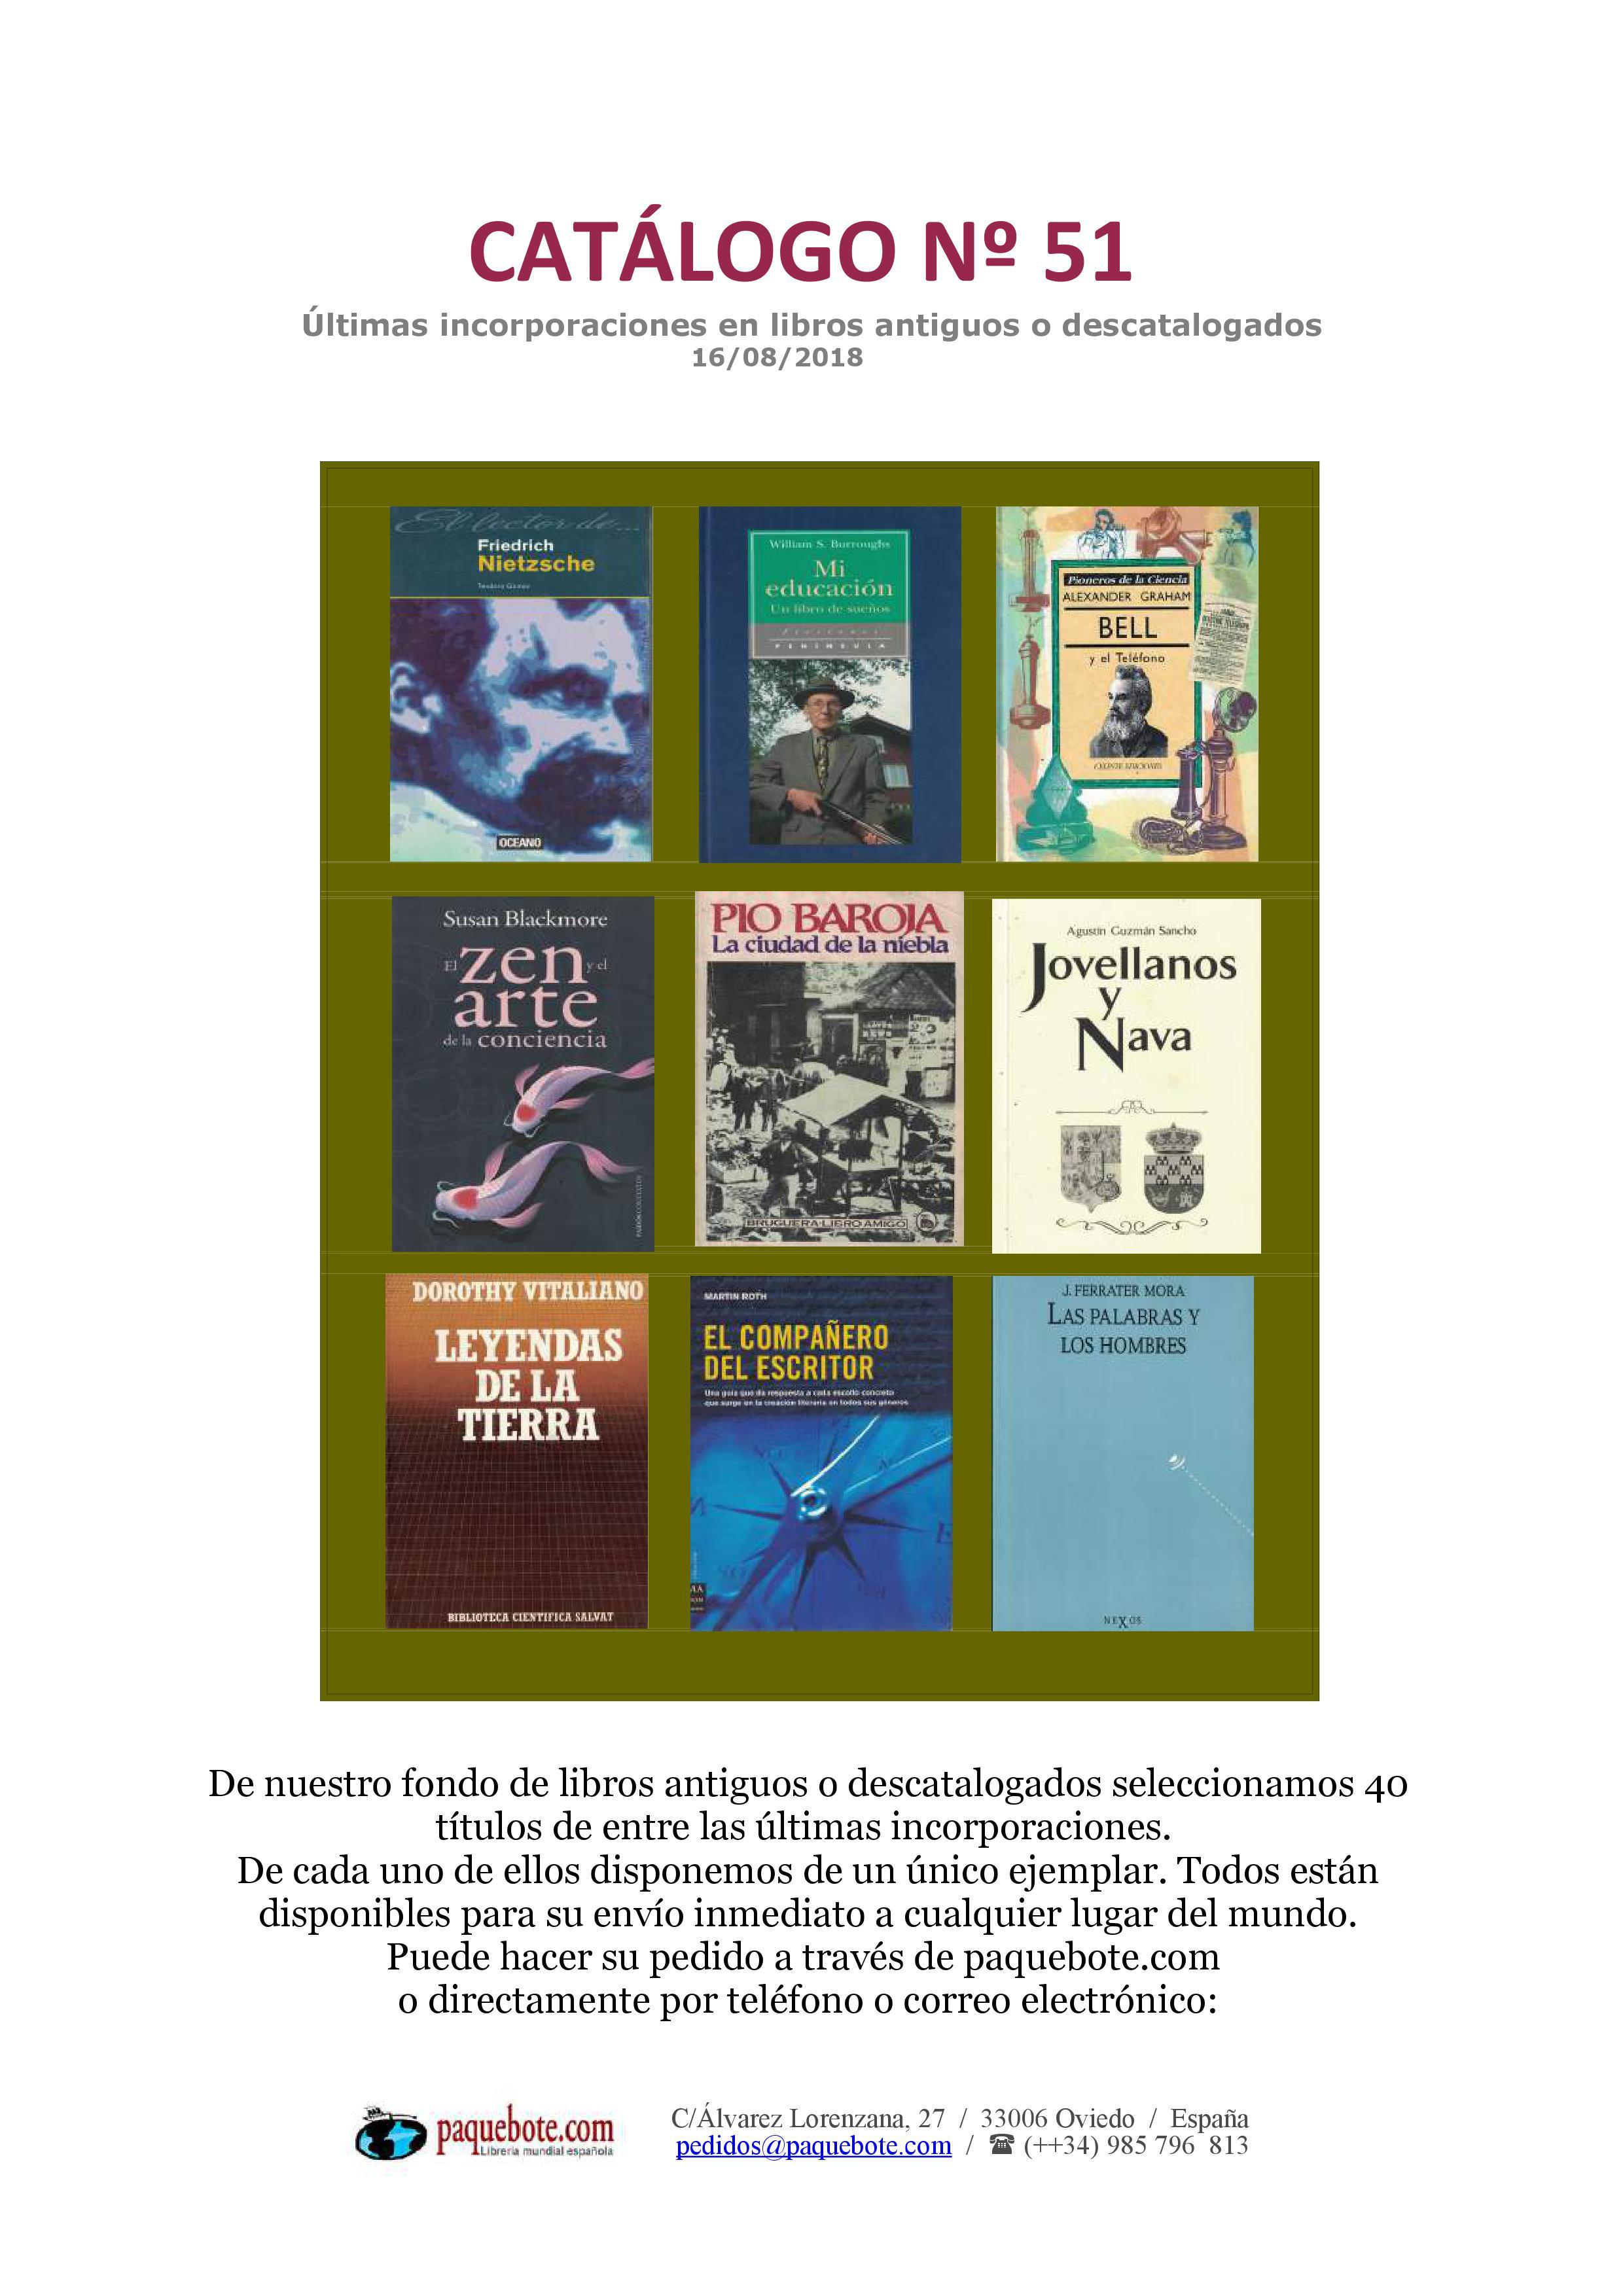 Paquebote catálogo 51